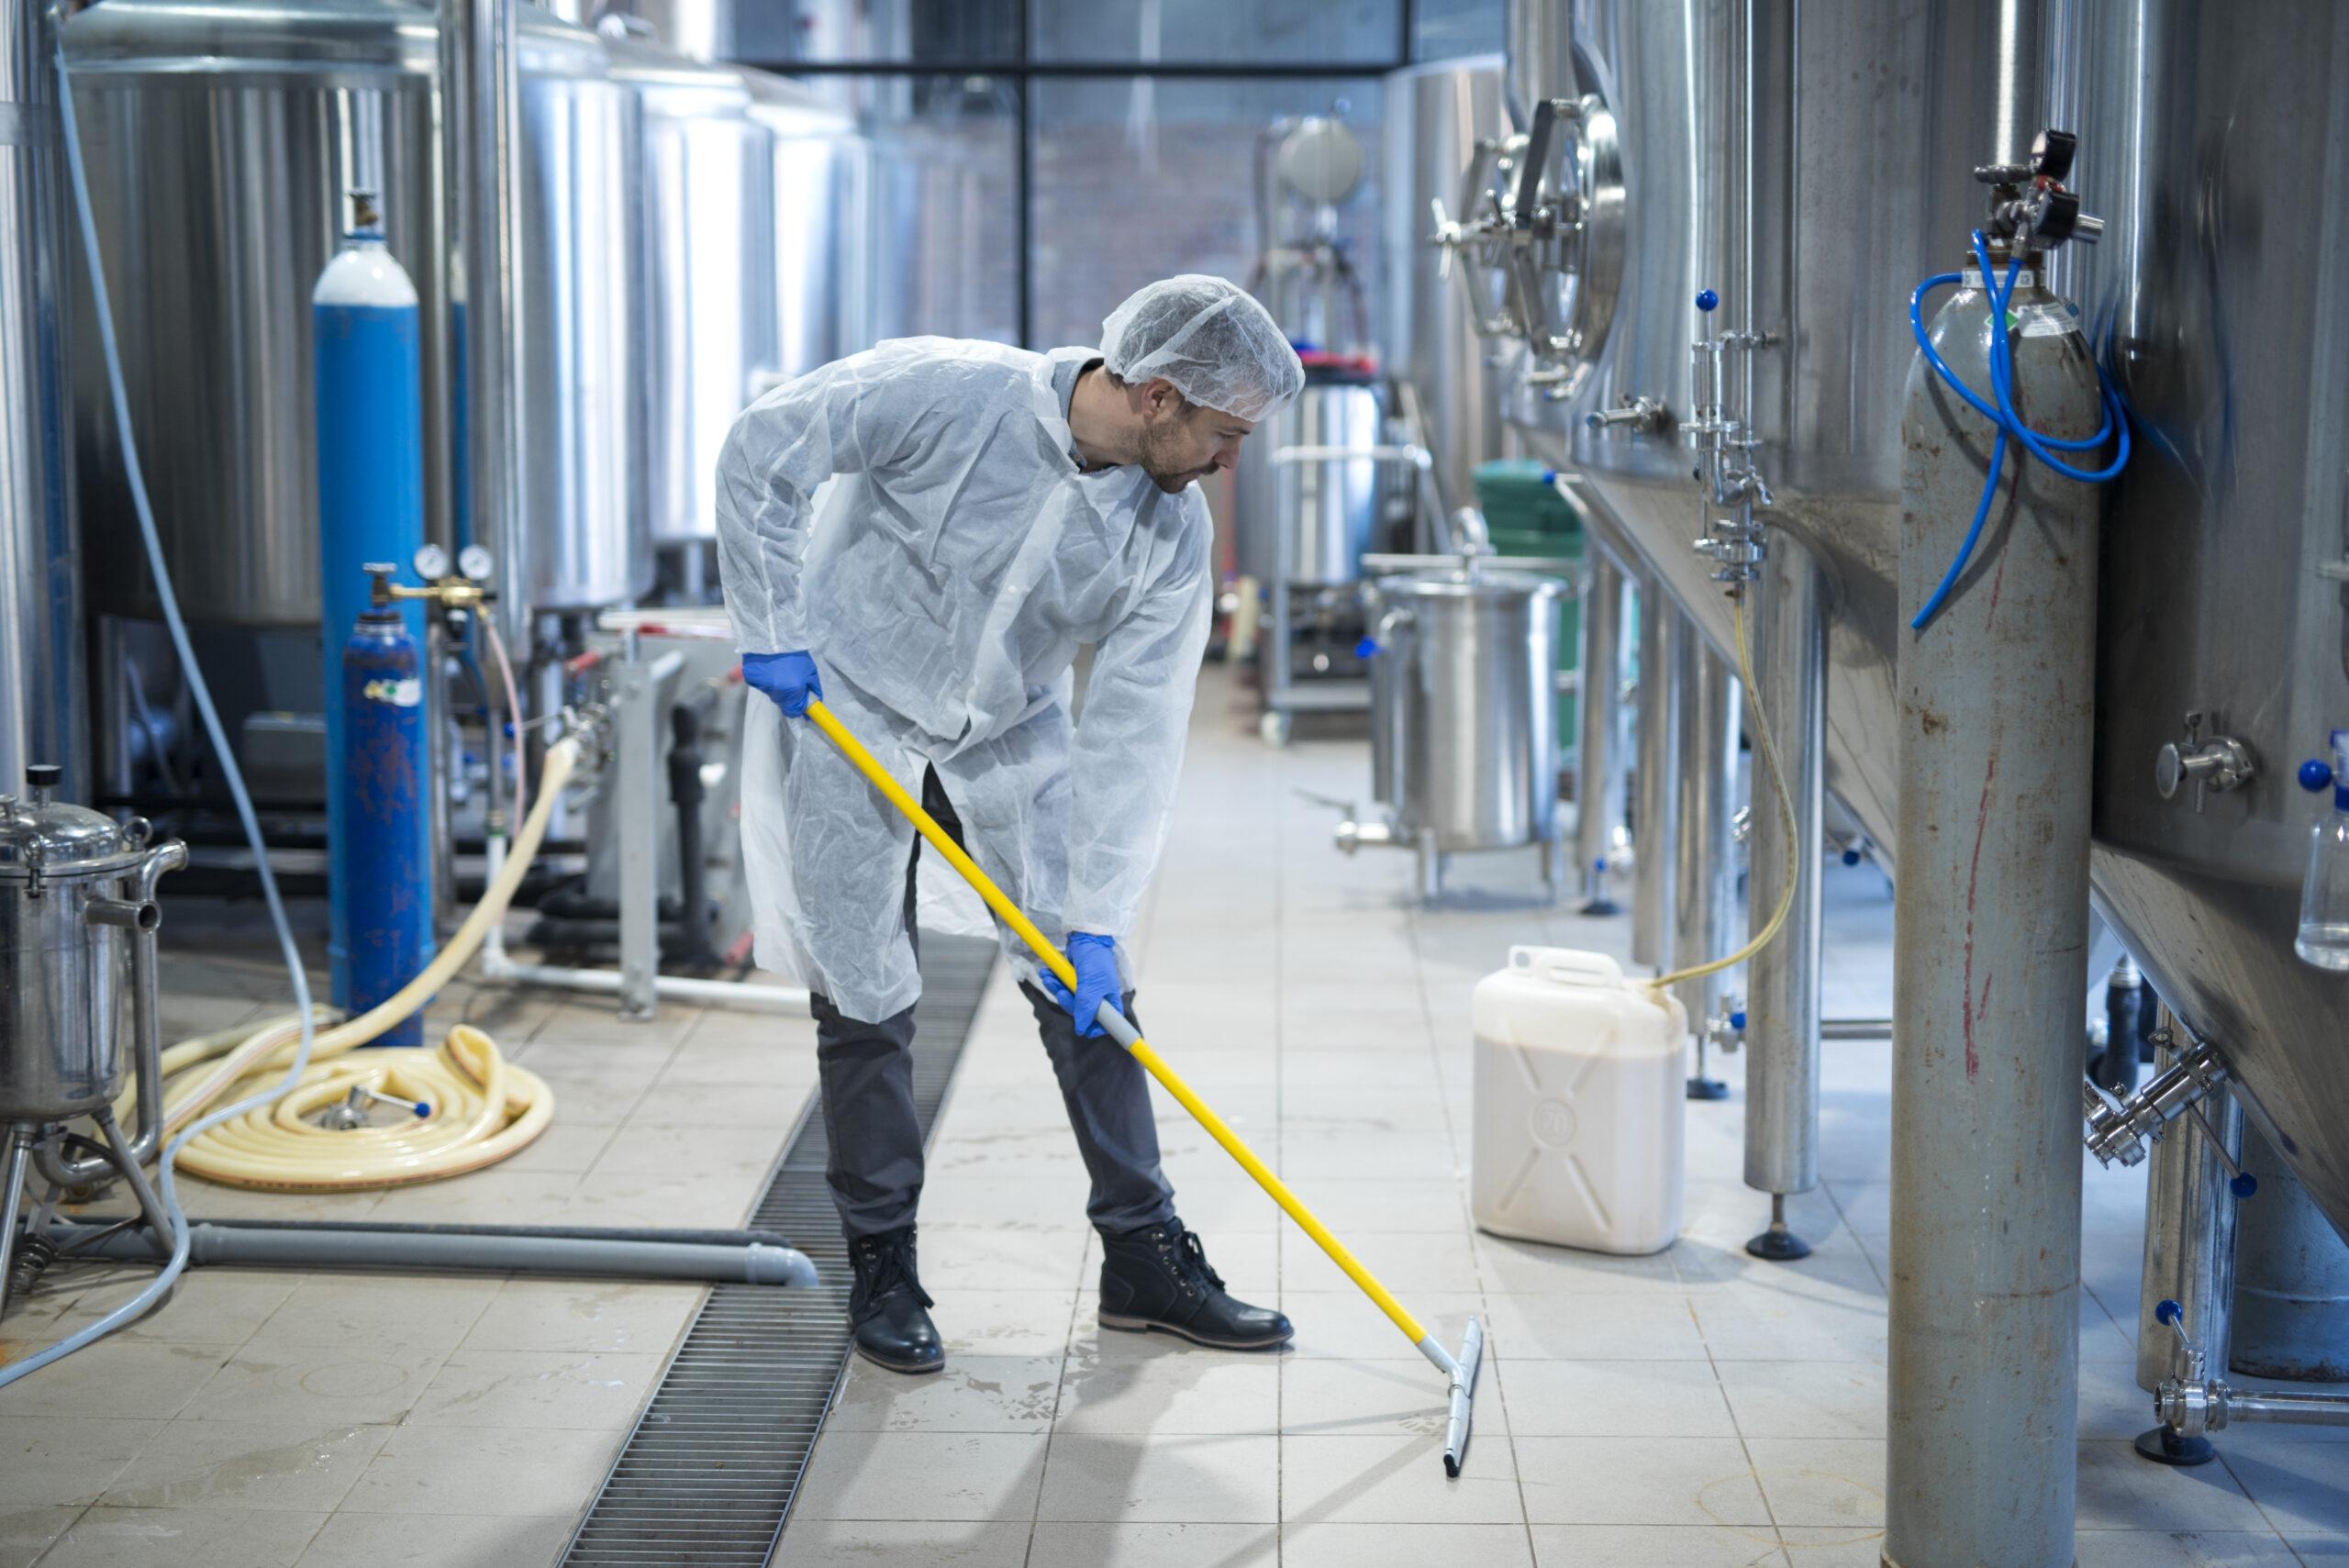 Protocolo de limpieza y desinfección de establecimientos comerciales